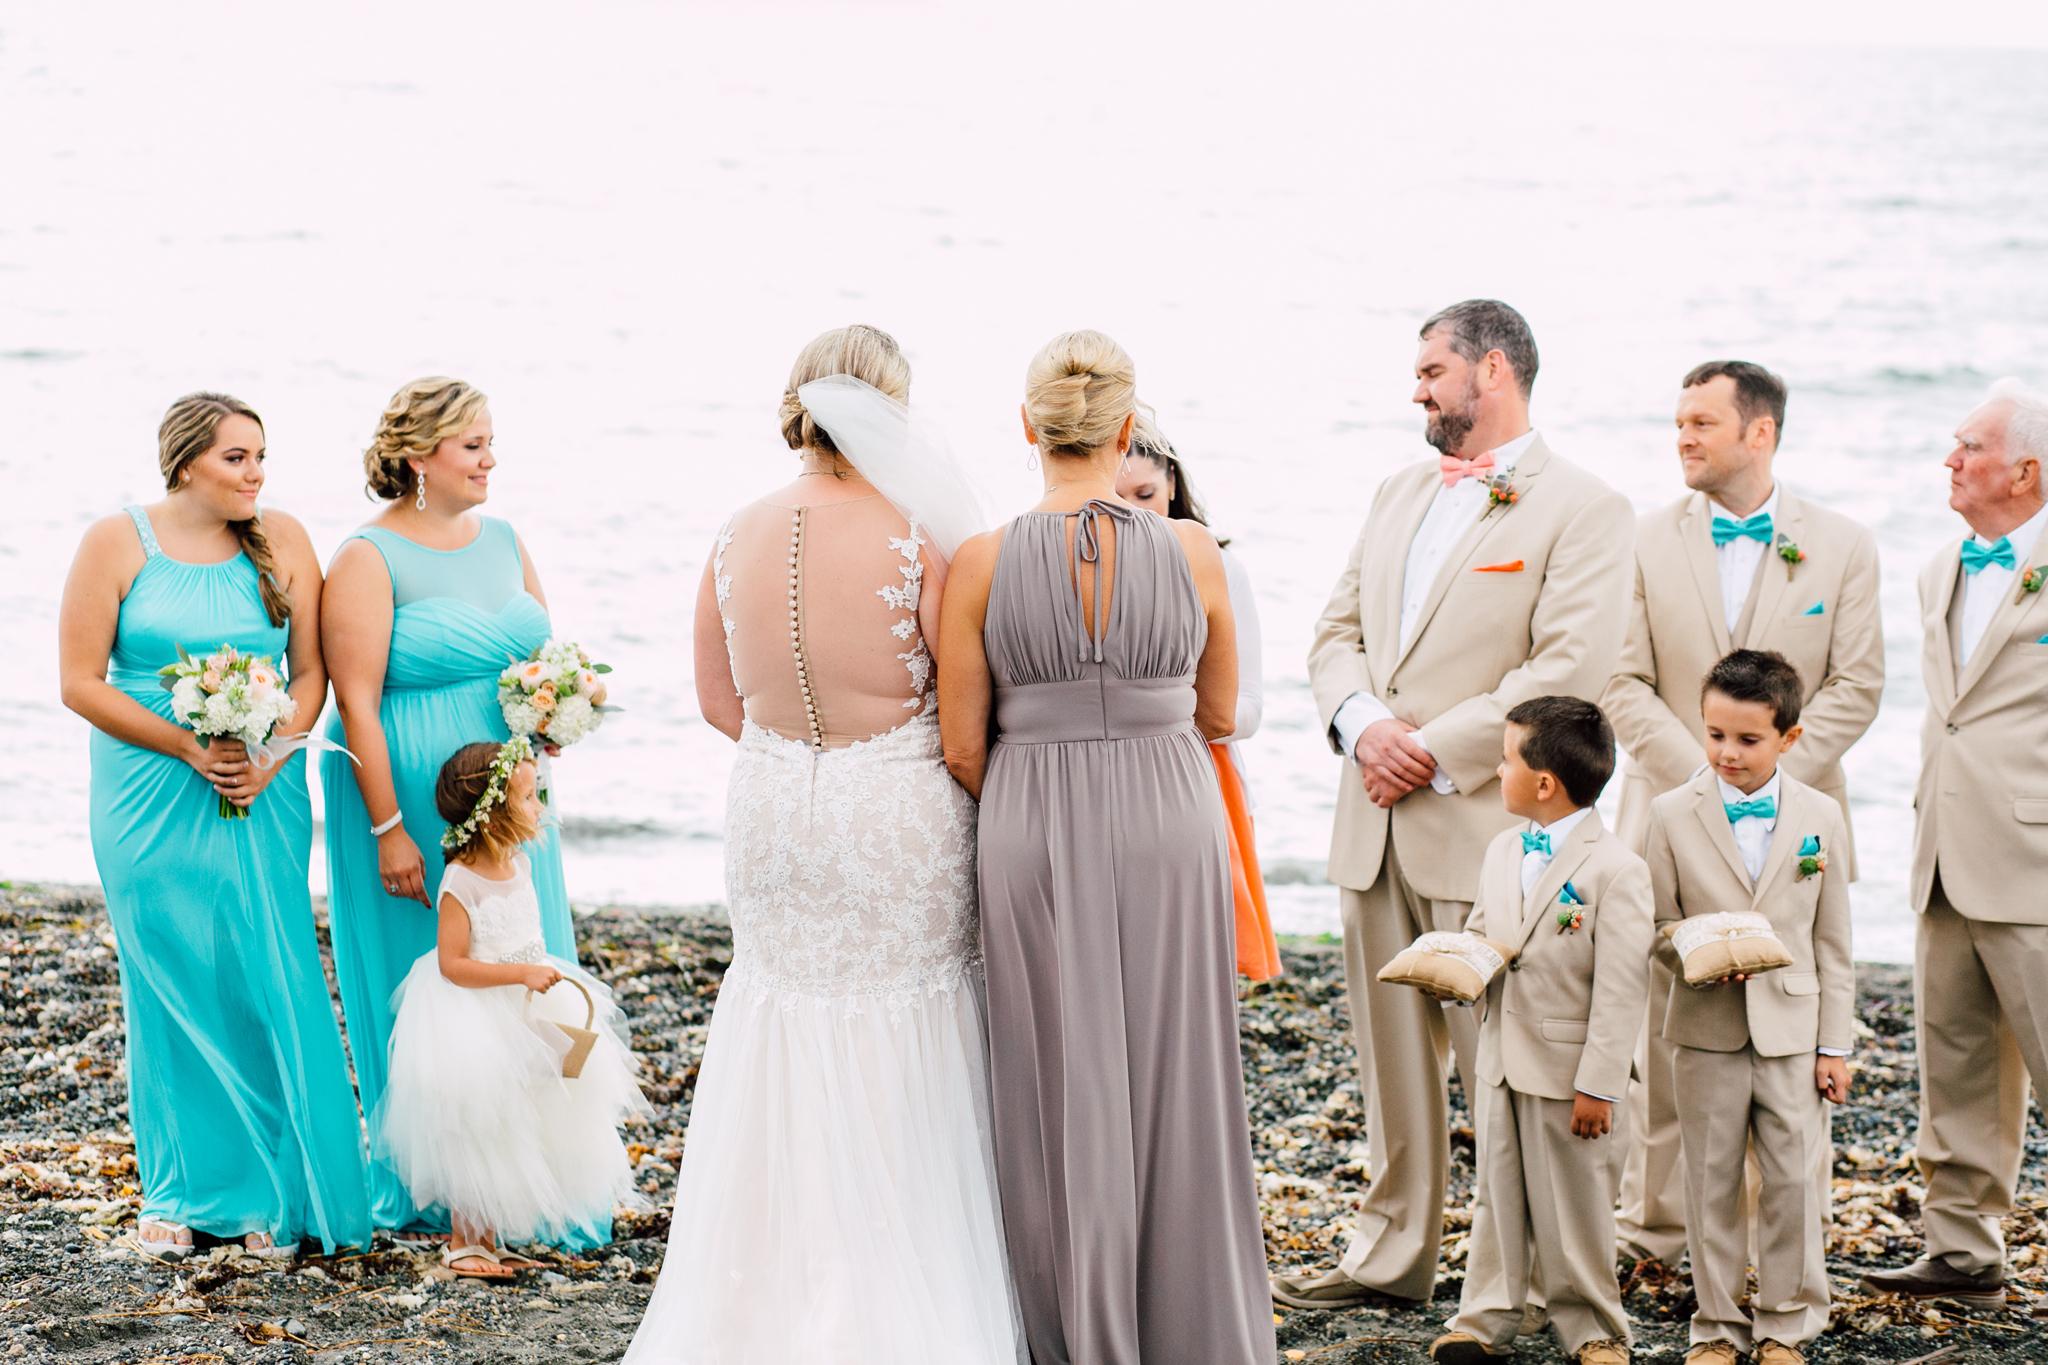 062-bellingham-wedding-photographer-beach-katheryn-moran-elisa-phillip.jpg